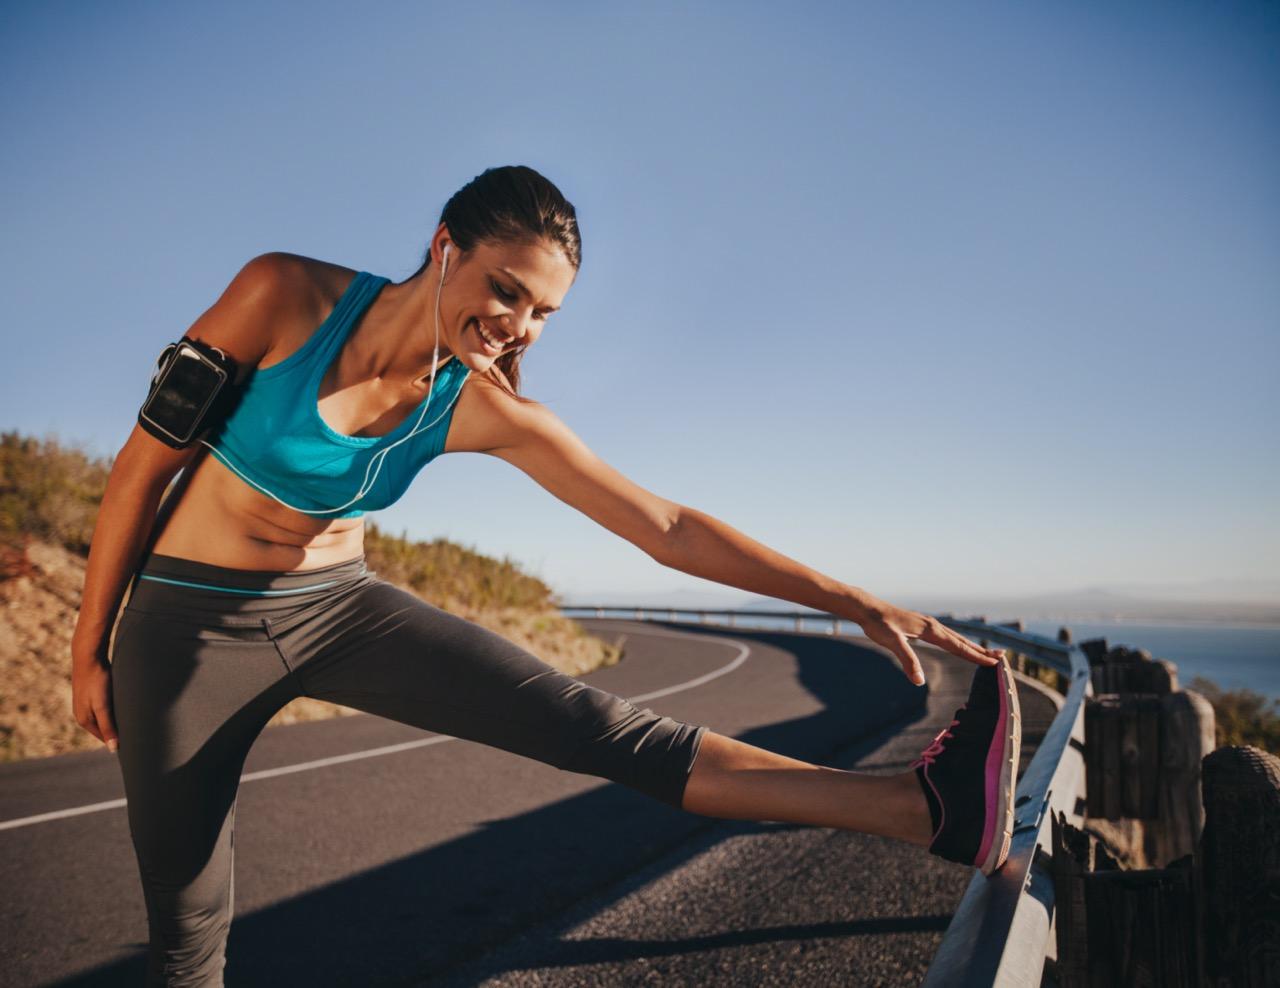 dolore e analgesia indotti dall'esercizio fisico